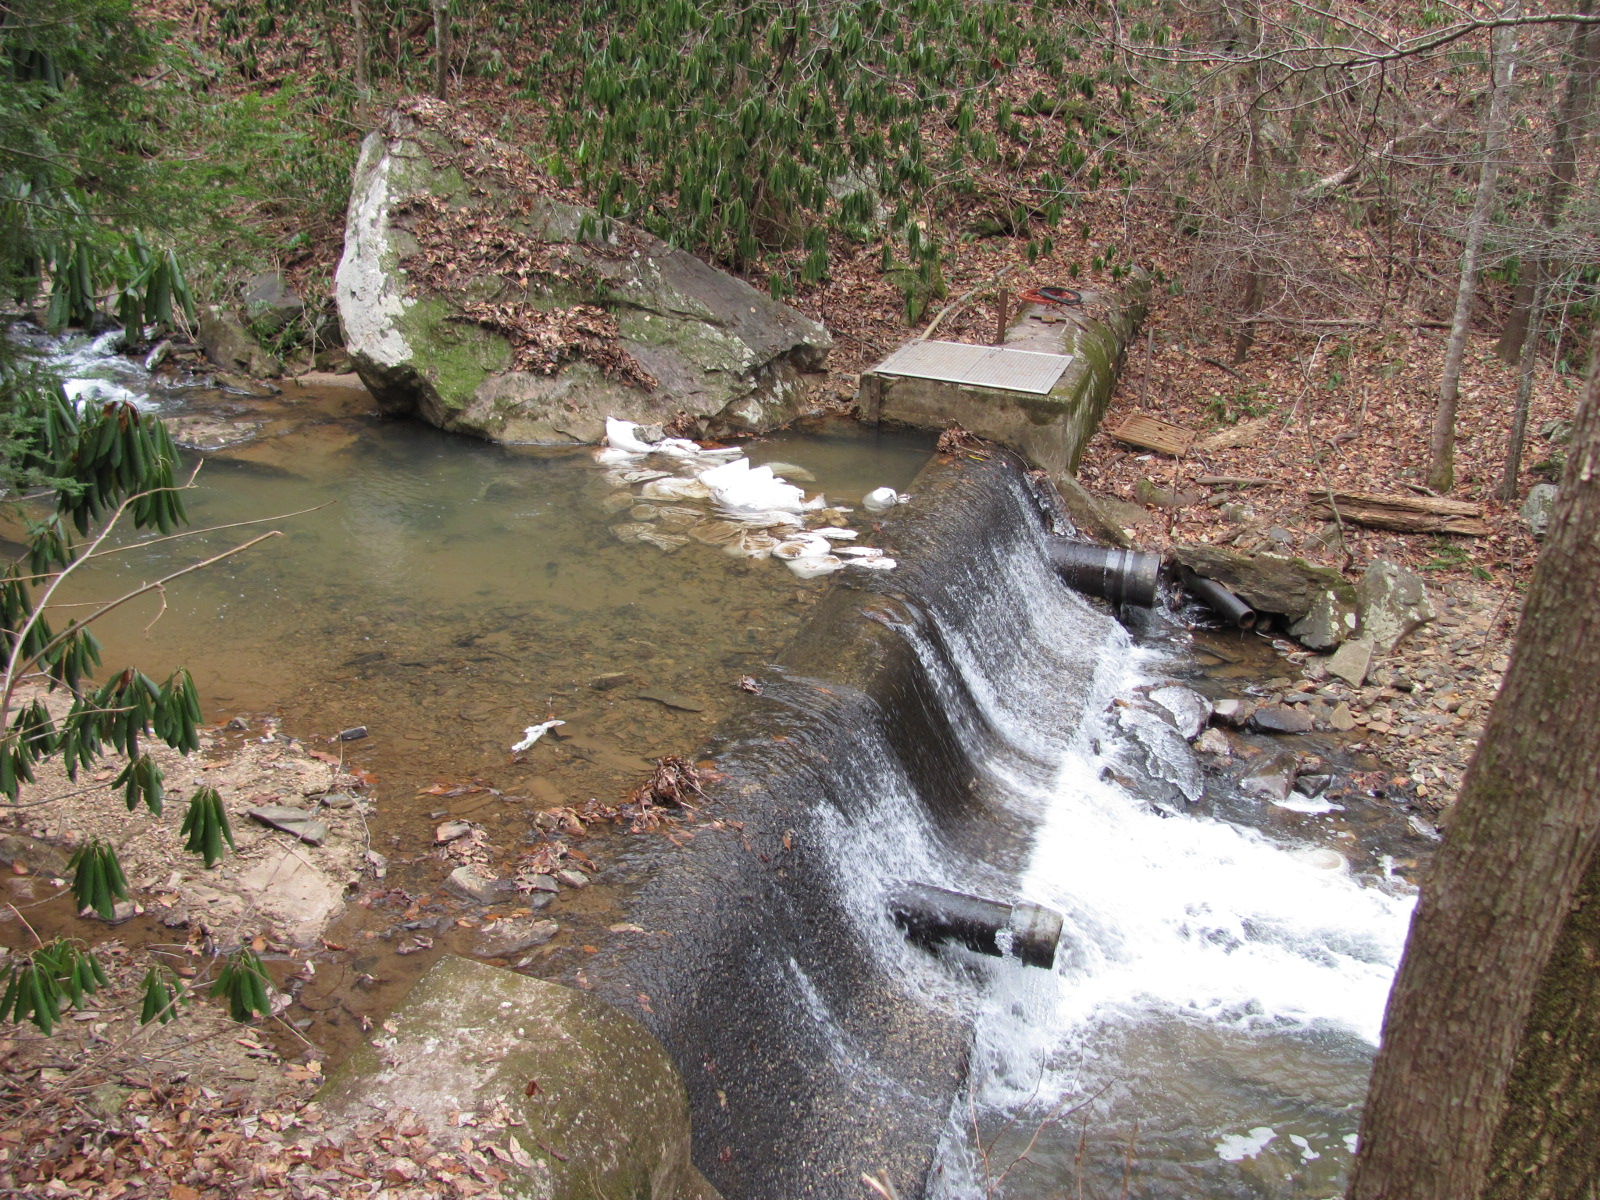 Pearson Falls Sediment Removal Evaluation Project, Saluda, NC